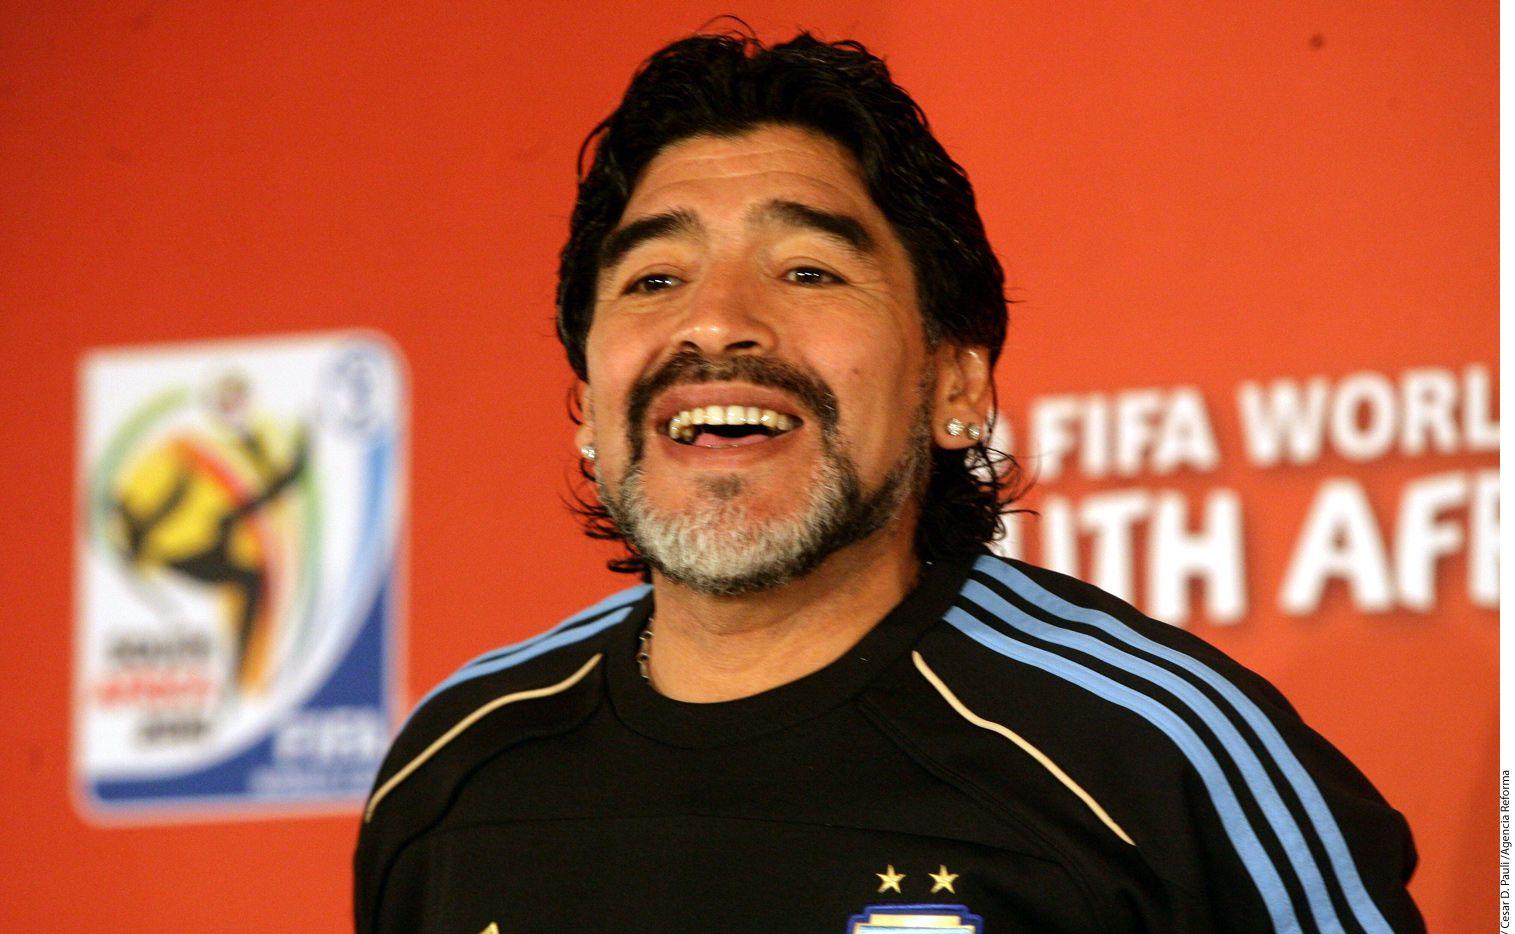 Diego Armando Maradona respondió a la pregunta de Pele sobre si conocía a Messi. / AP